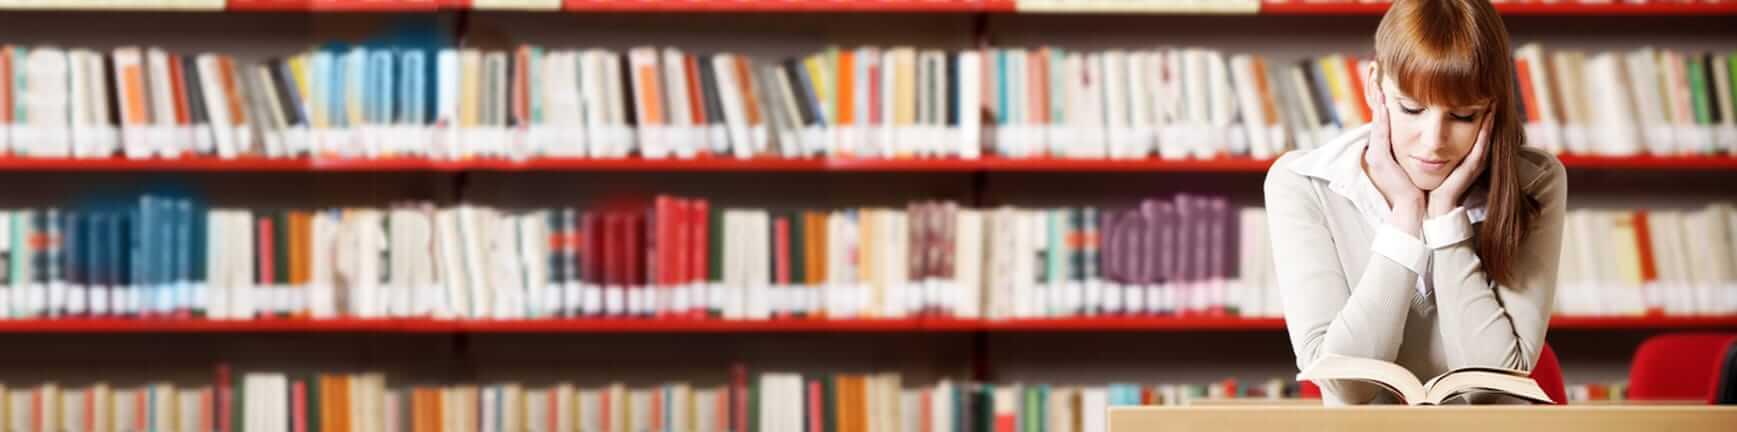 עריכה לשונית, הגהה לשונית ועוד לעבודות, ספרים וטקסטים